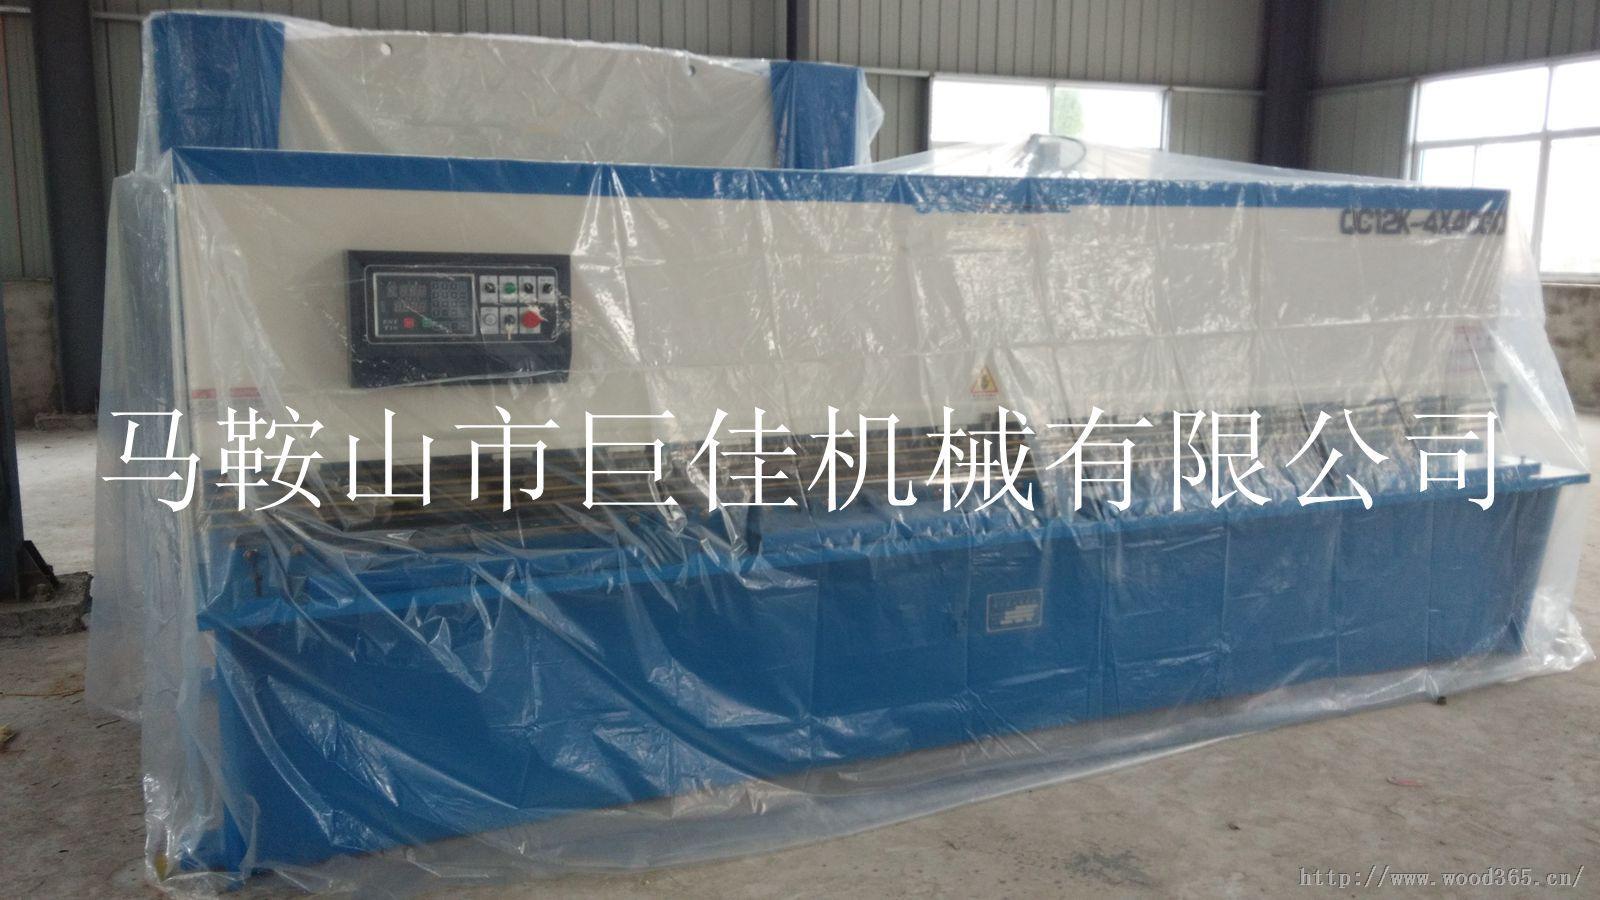 不锈钢加工4米数控剪板机 4米数控剪板机折弯机价格